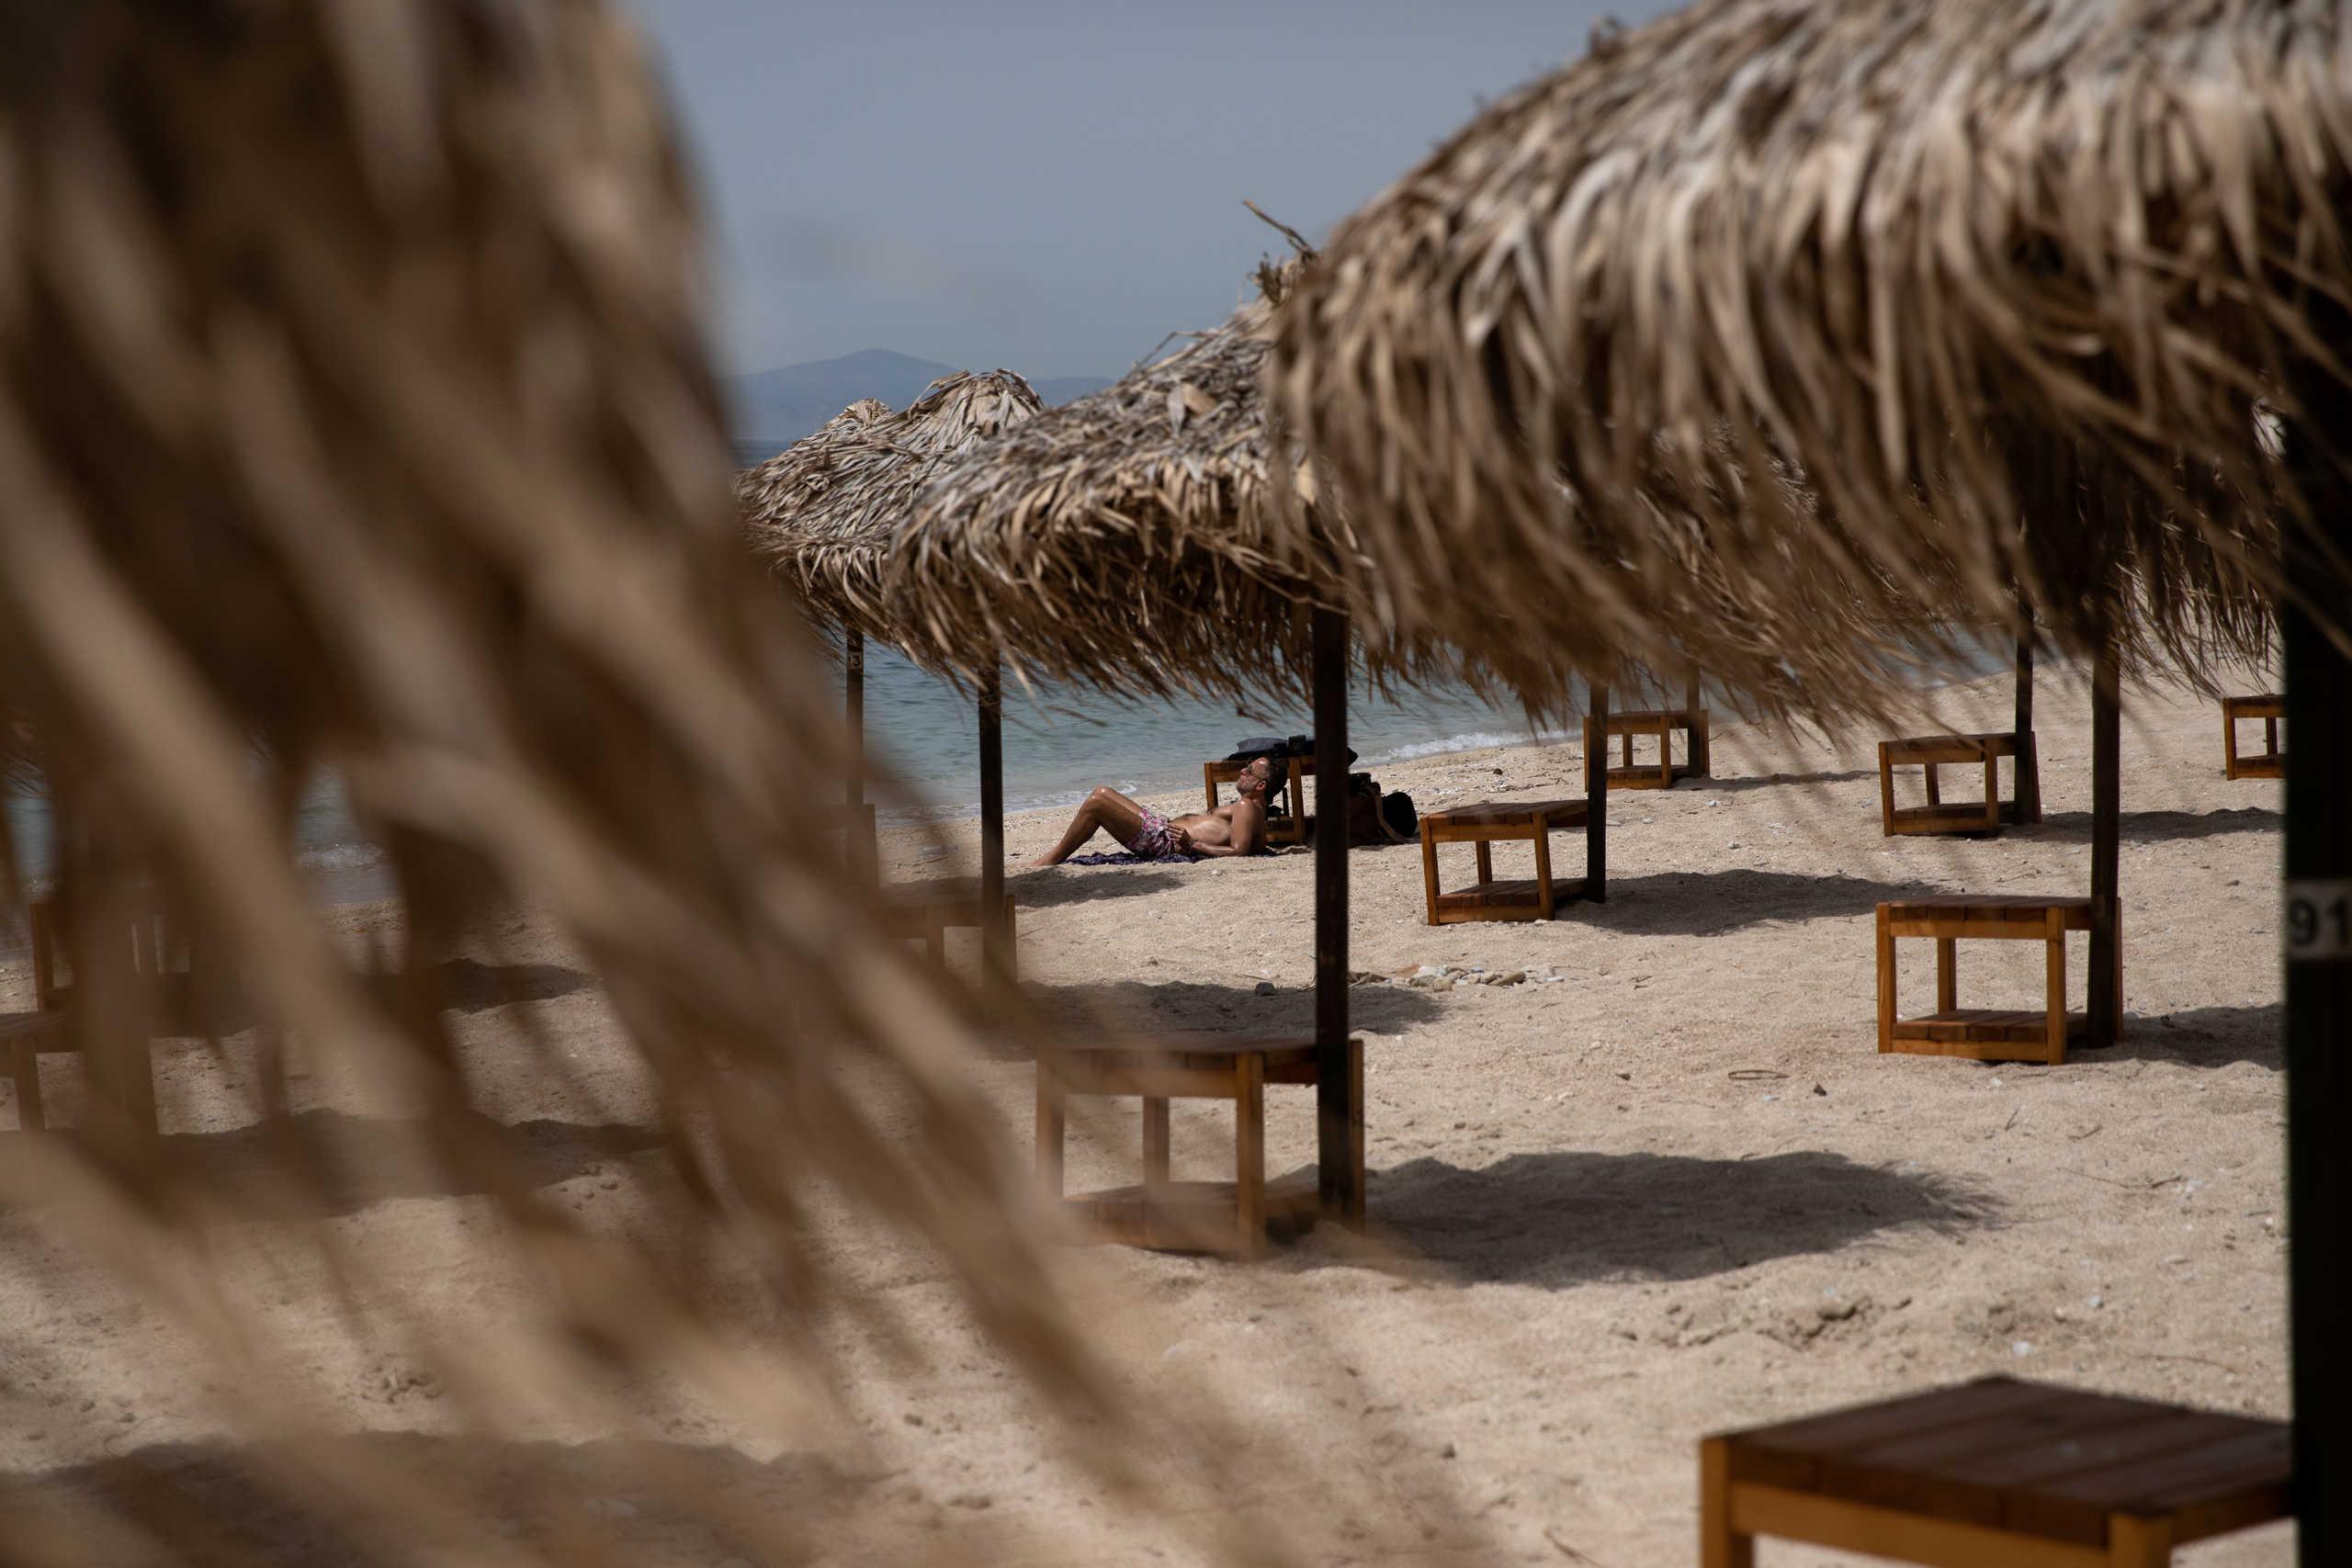 Μειώσεις ΦΠΑ σε εστίαση, ξενοδοχεία, αεροπορικά και ακτοπλοϊκά εισιτήρια